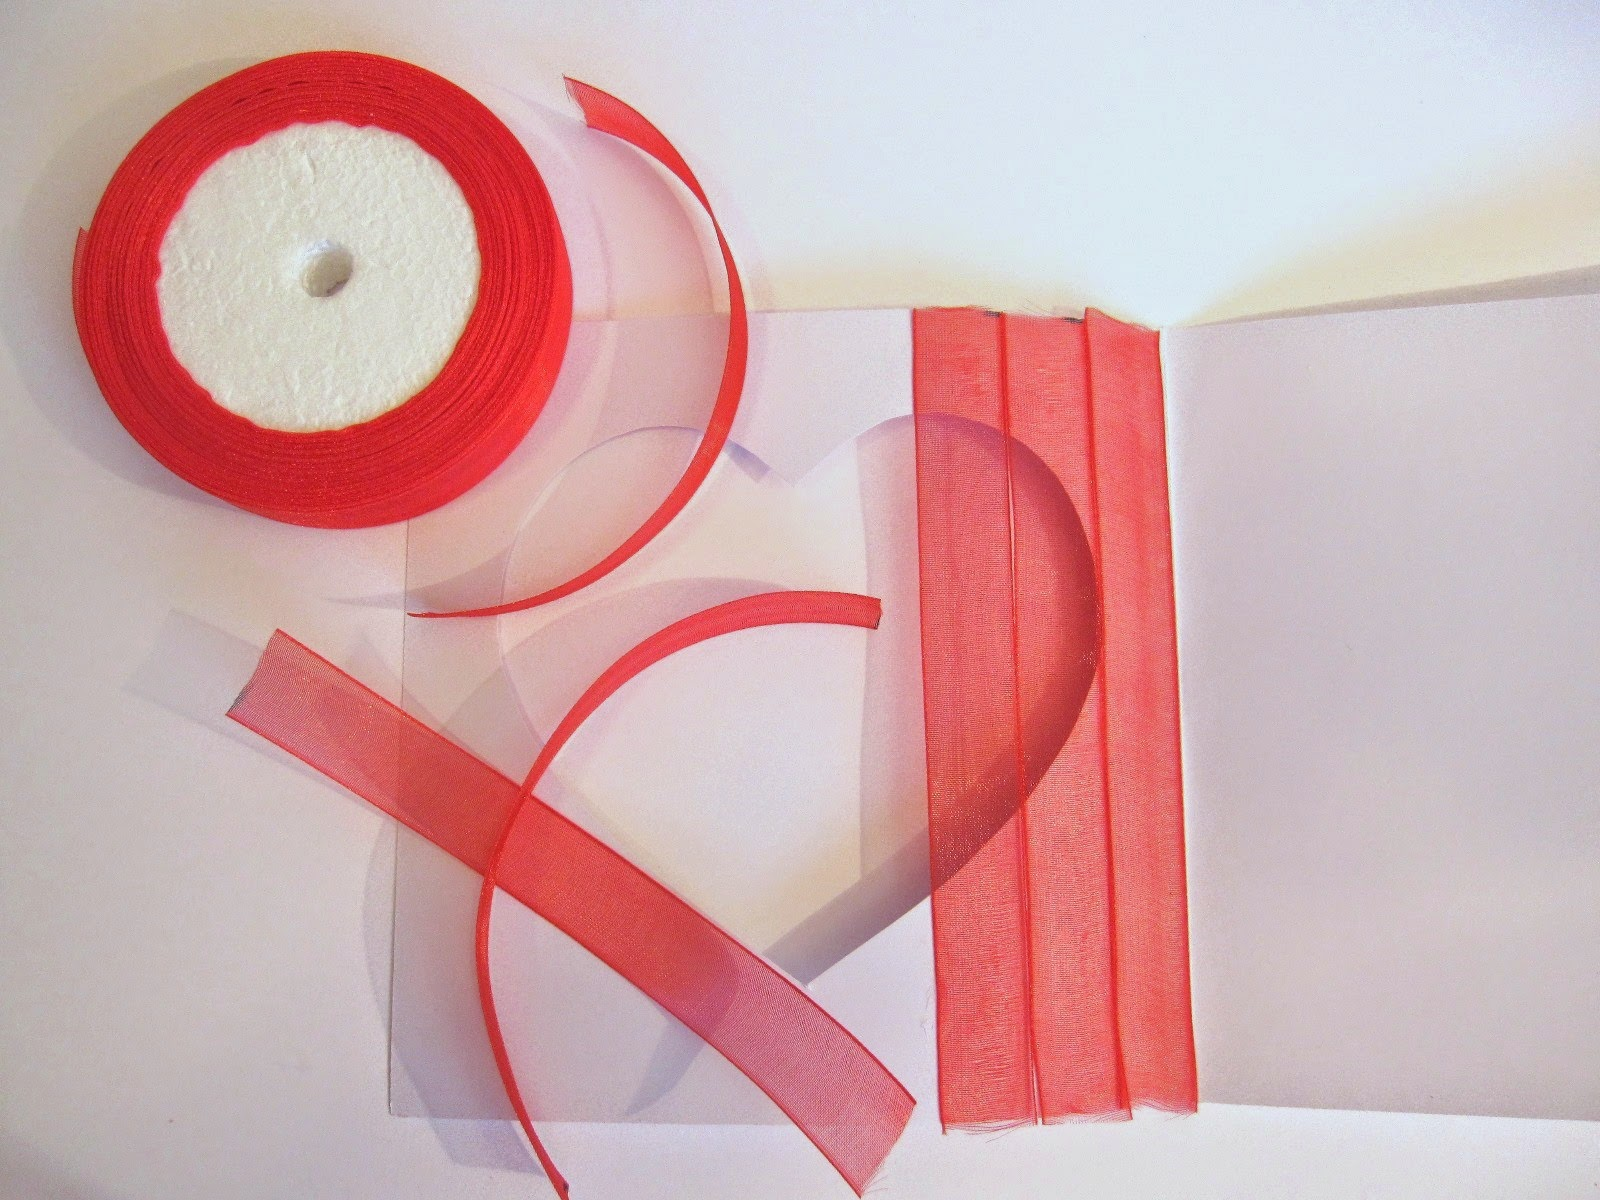 paso 3 de tarjeta scrapbooking San Valentín: pegar cinta gasa roja en parte trasera